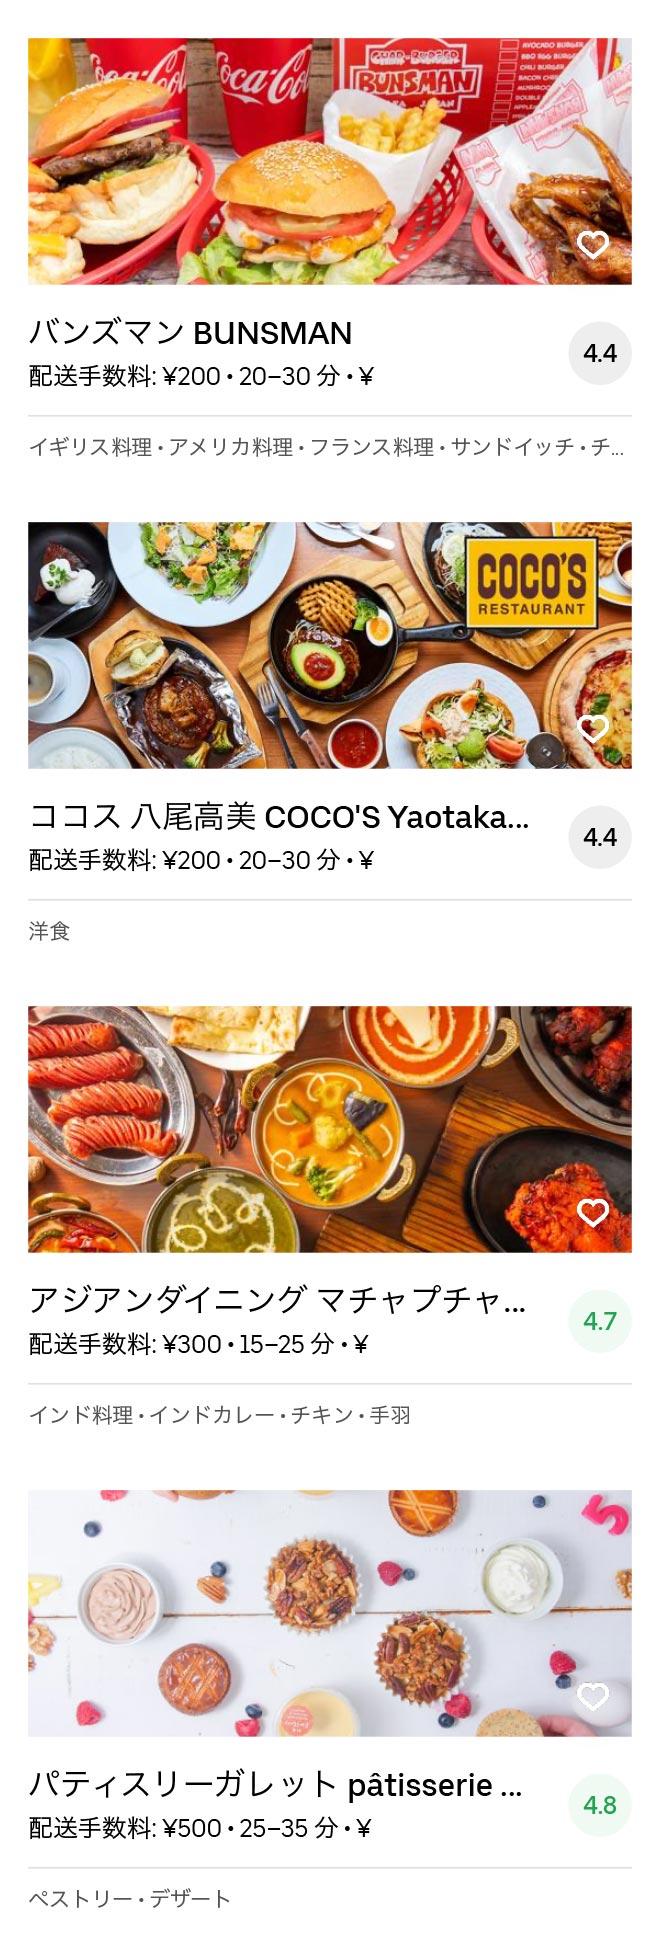 Osaka yao menu 2005 10